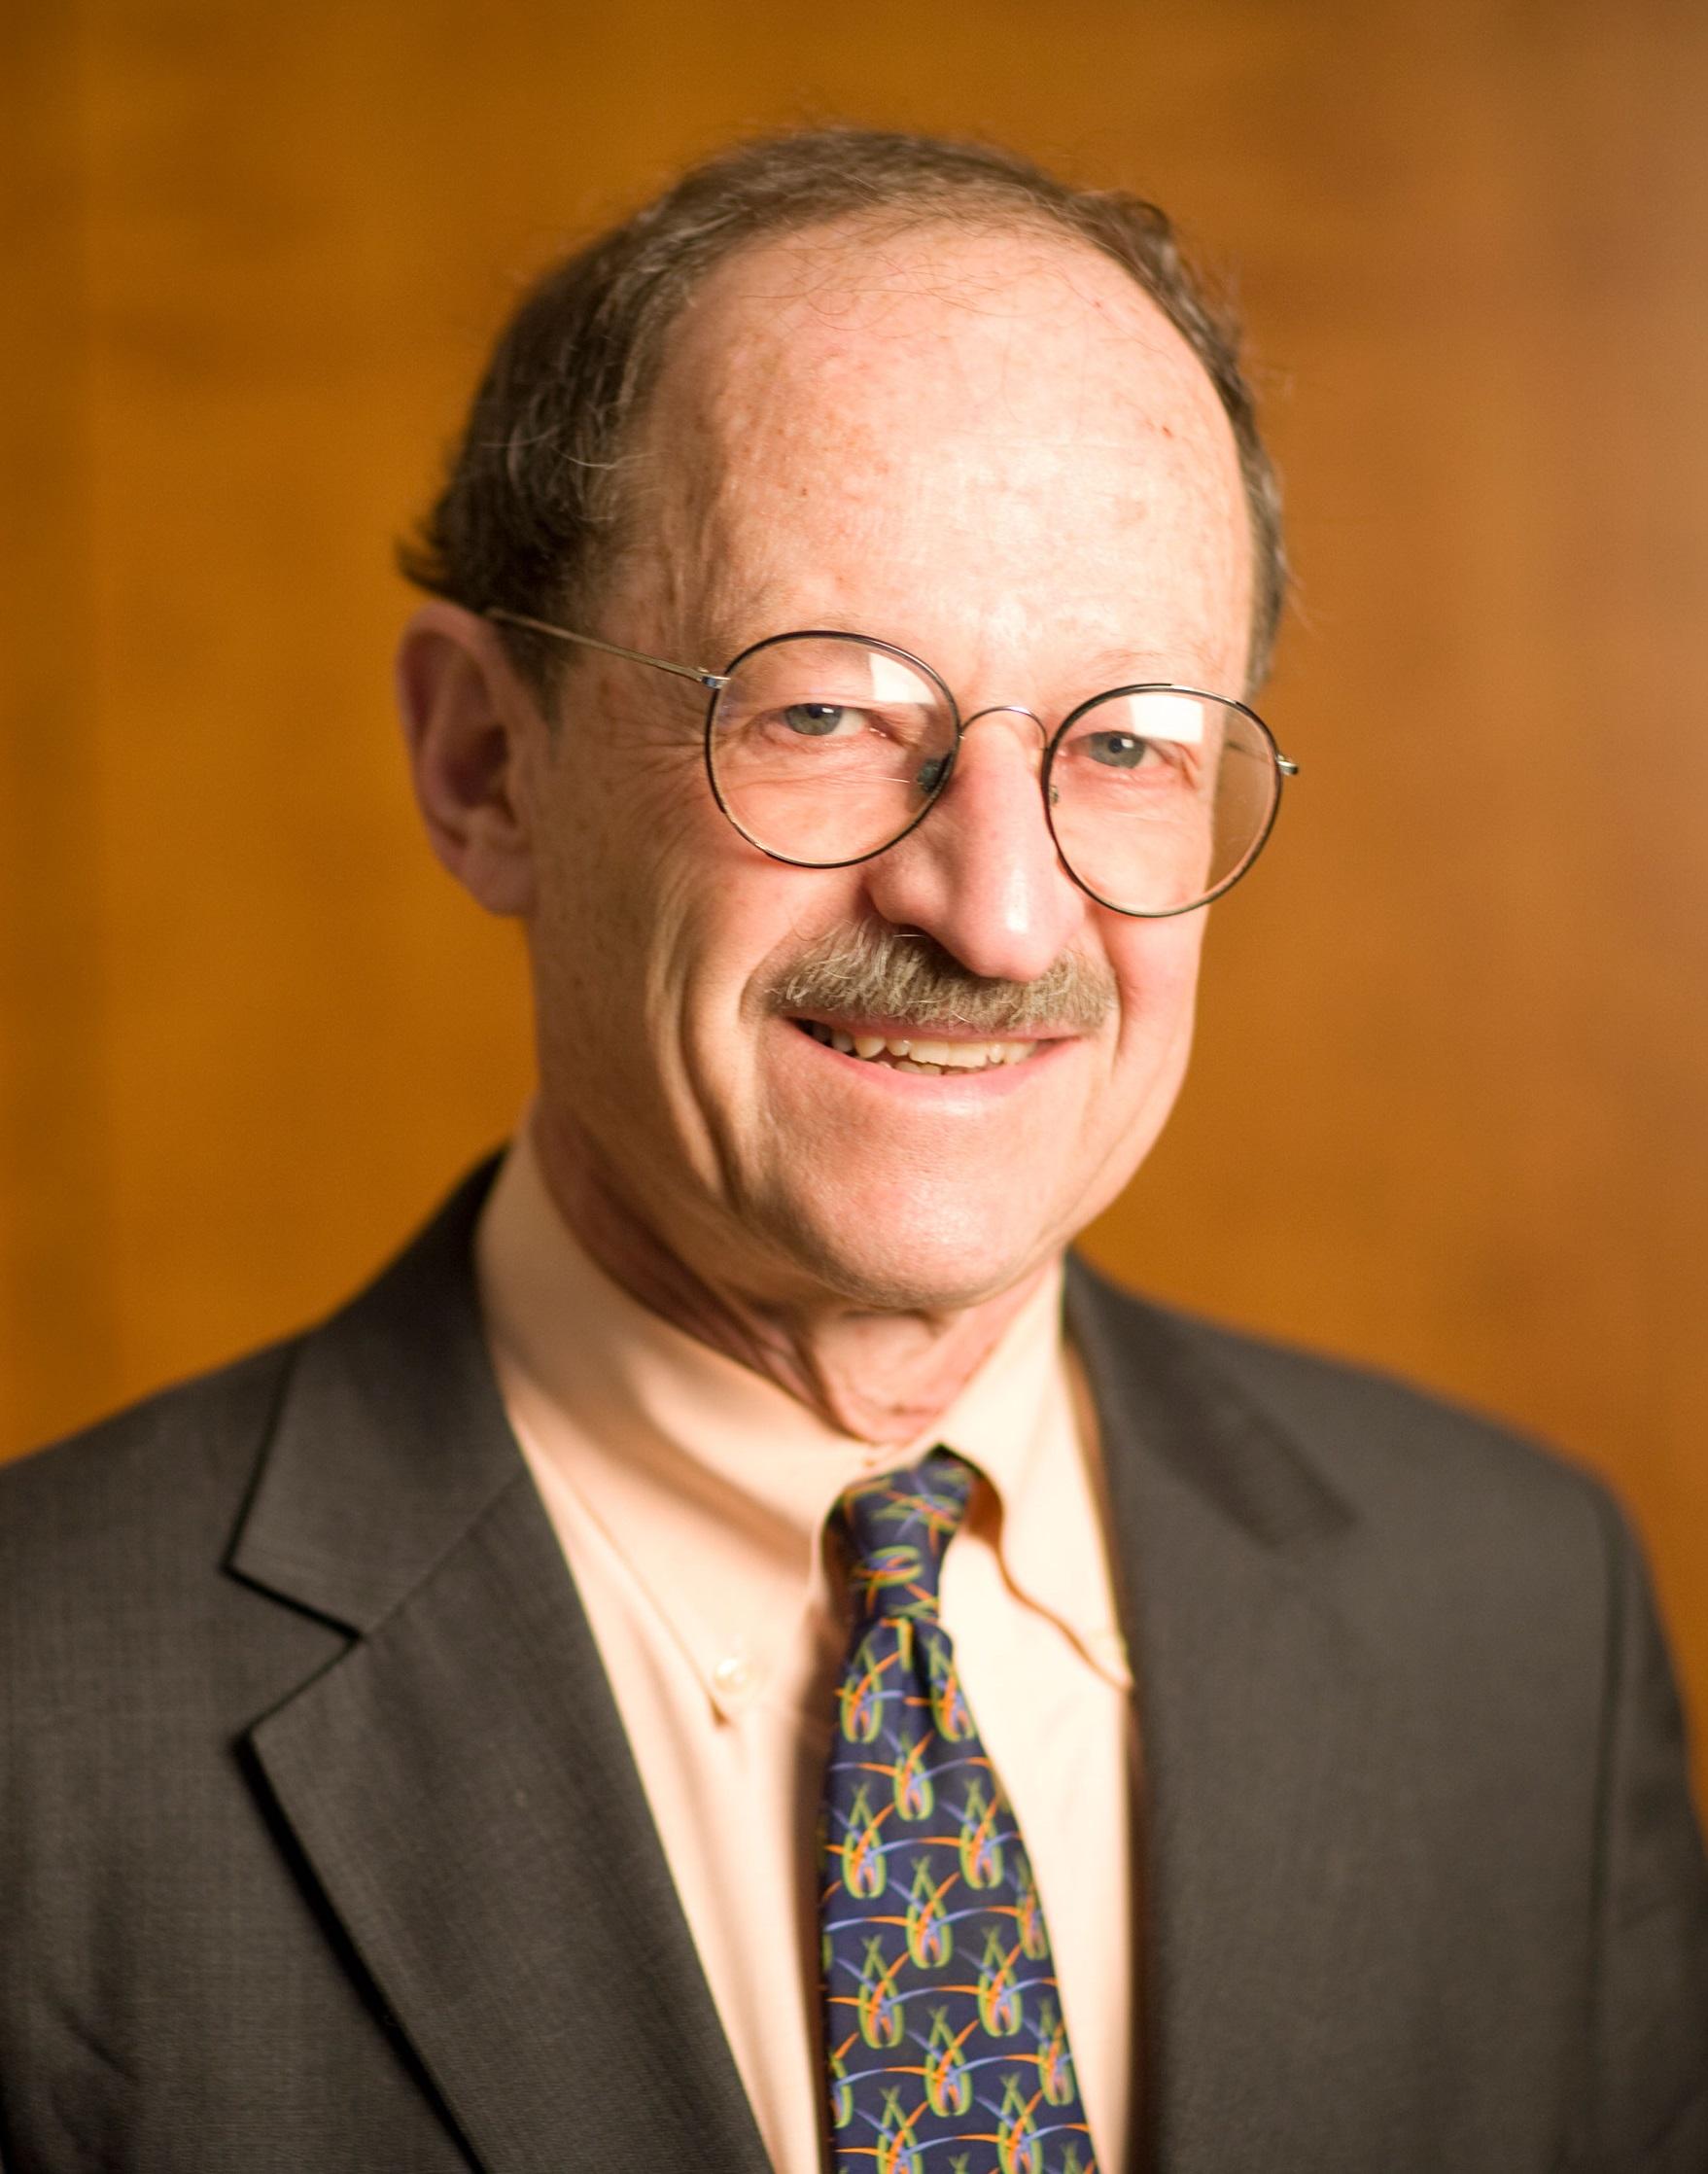 Varmus in 2009